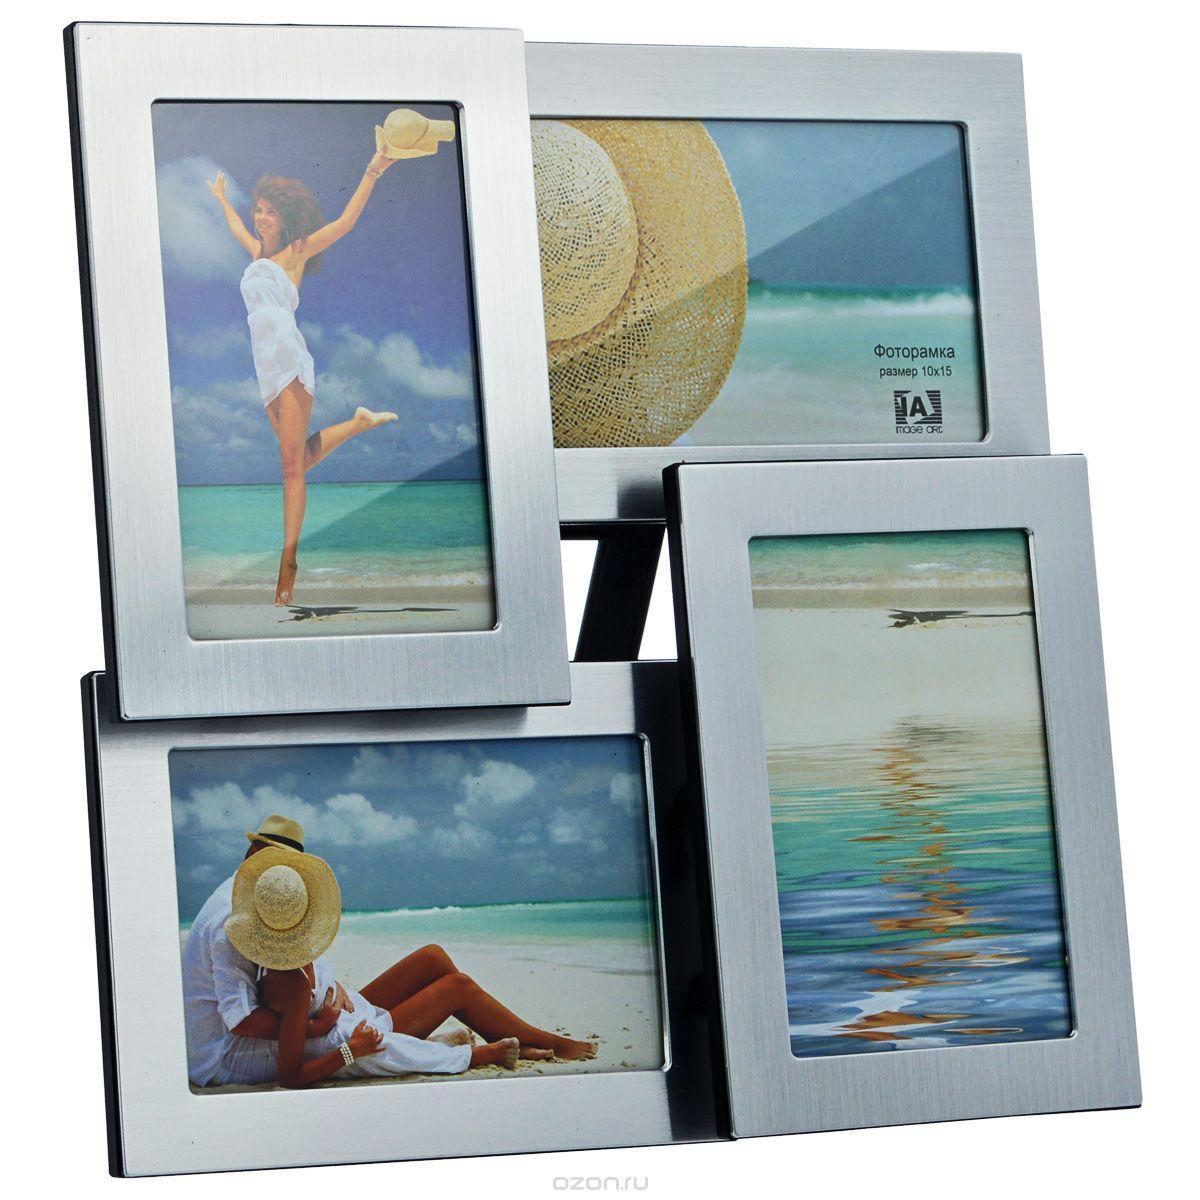 Фоторамка Image Art, цвет: серебристый, на 4 фото, 10 см х 15 см. 50553986927385055398692738Фоторамка-коллаж Image Art - прекрасный способ красиво оформить вашифотографии. Изделие рассчитано на 4 фотграфии. Фоторамка выполнена из алюминия и пластика и защищена стеклом. Фоторамкуможно поставить на стол или подвесить на стену, для чего с задней стороны предусмотреныспециальные отверстия.Такая фоторамка поможет сохранить на память самые яркие моменты вашейжизни, а стильный дизайн сделает ее прекрасным дополнением интерьераинтерьера.